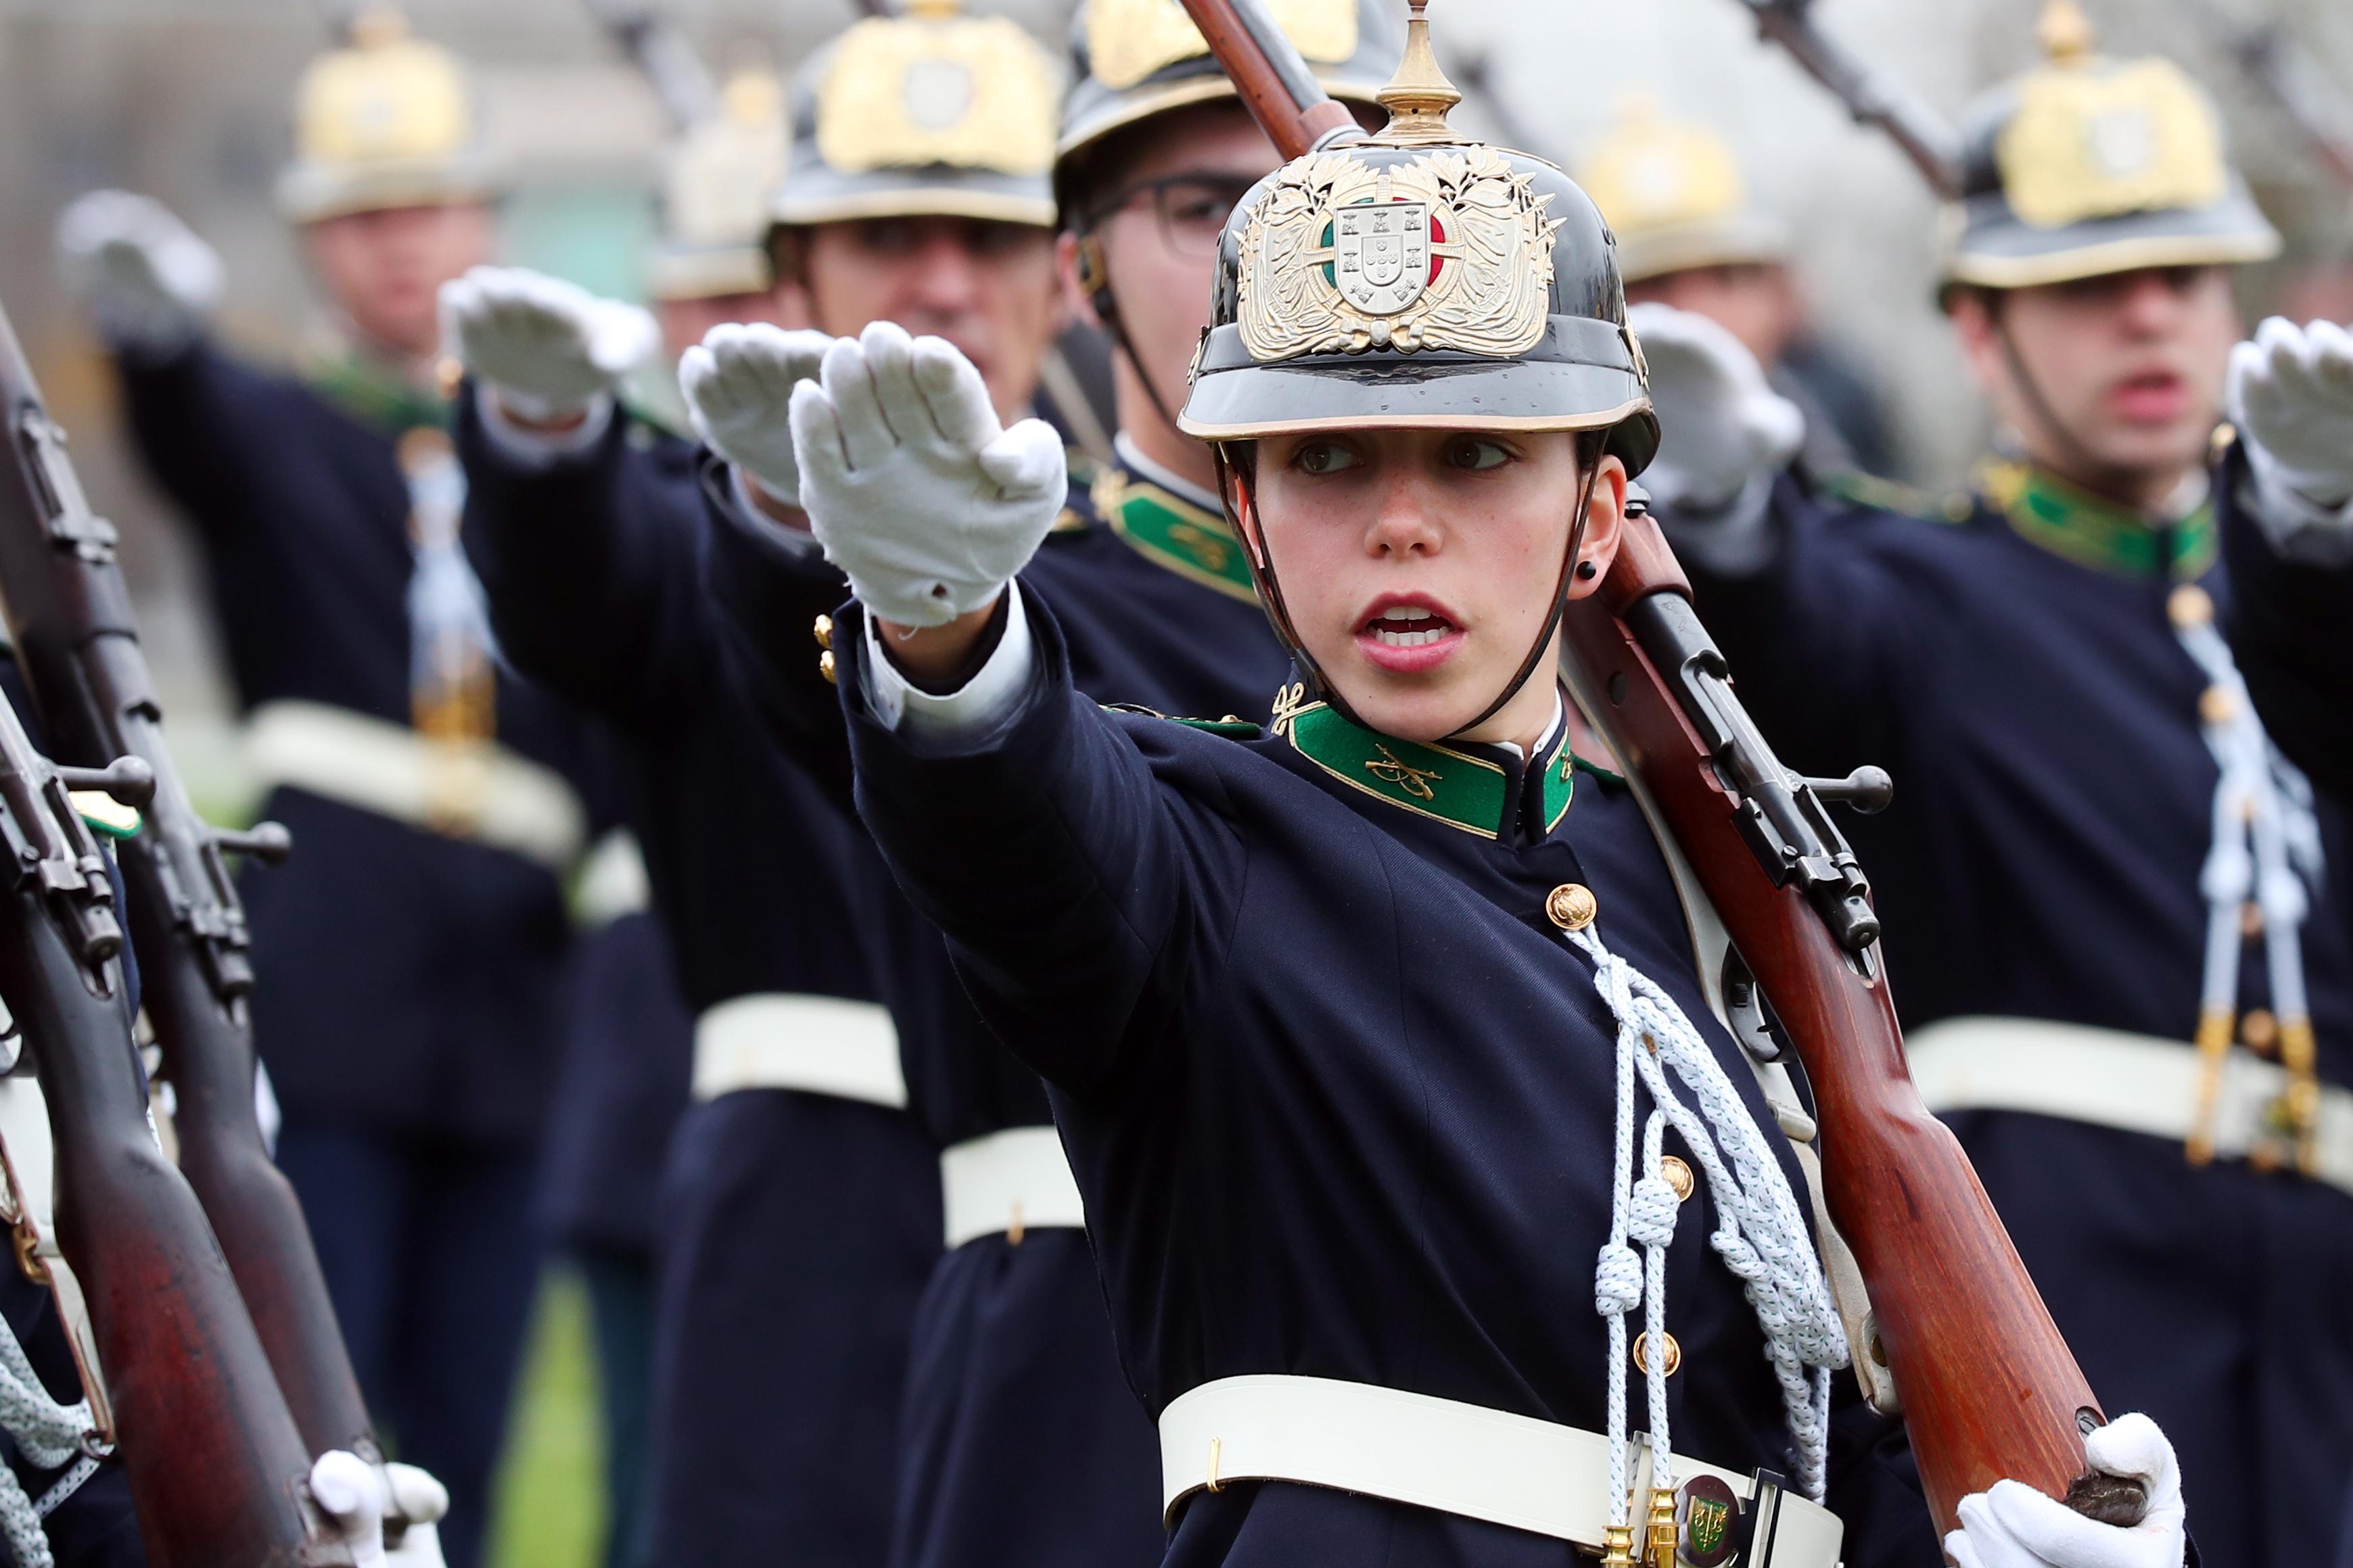 MAI destaca reforço de efetivos nas forças de segurança